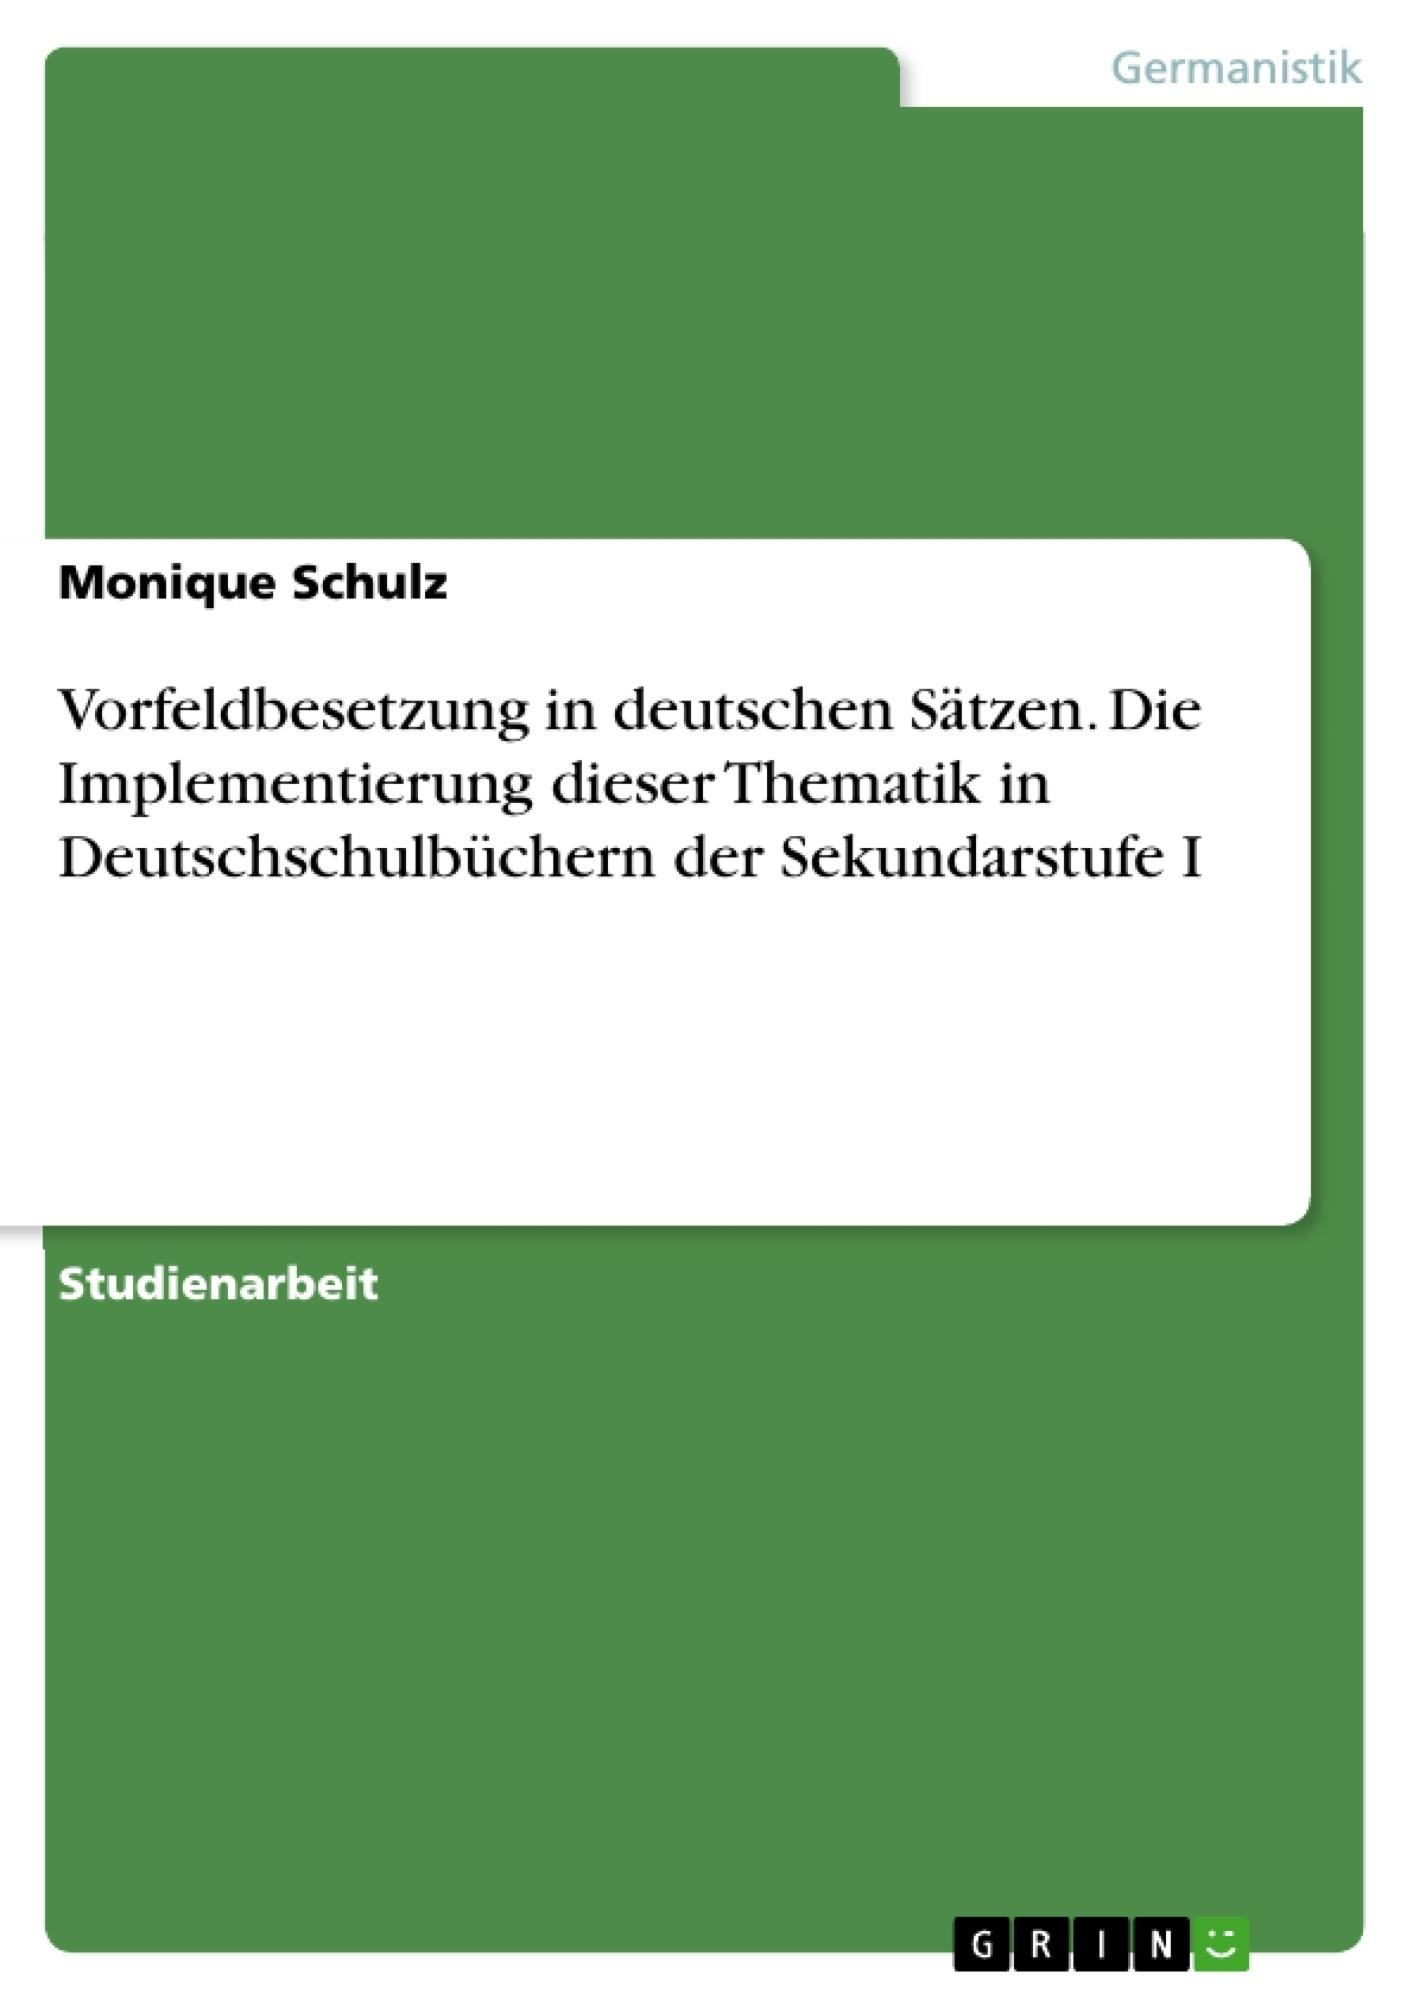 Titel: Vorfeldbesetzung in deutschen Sätzen. Die Implementierung dieser Thematik in Deutschschulbüchern der Sekundarstufe I